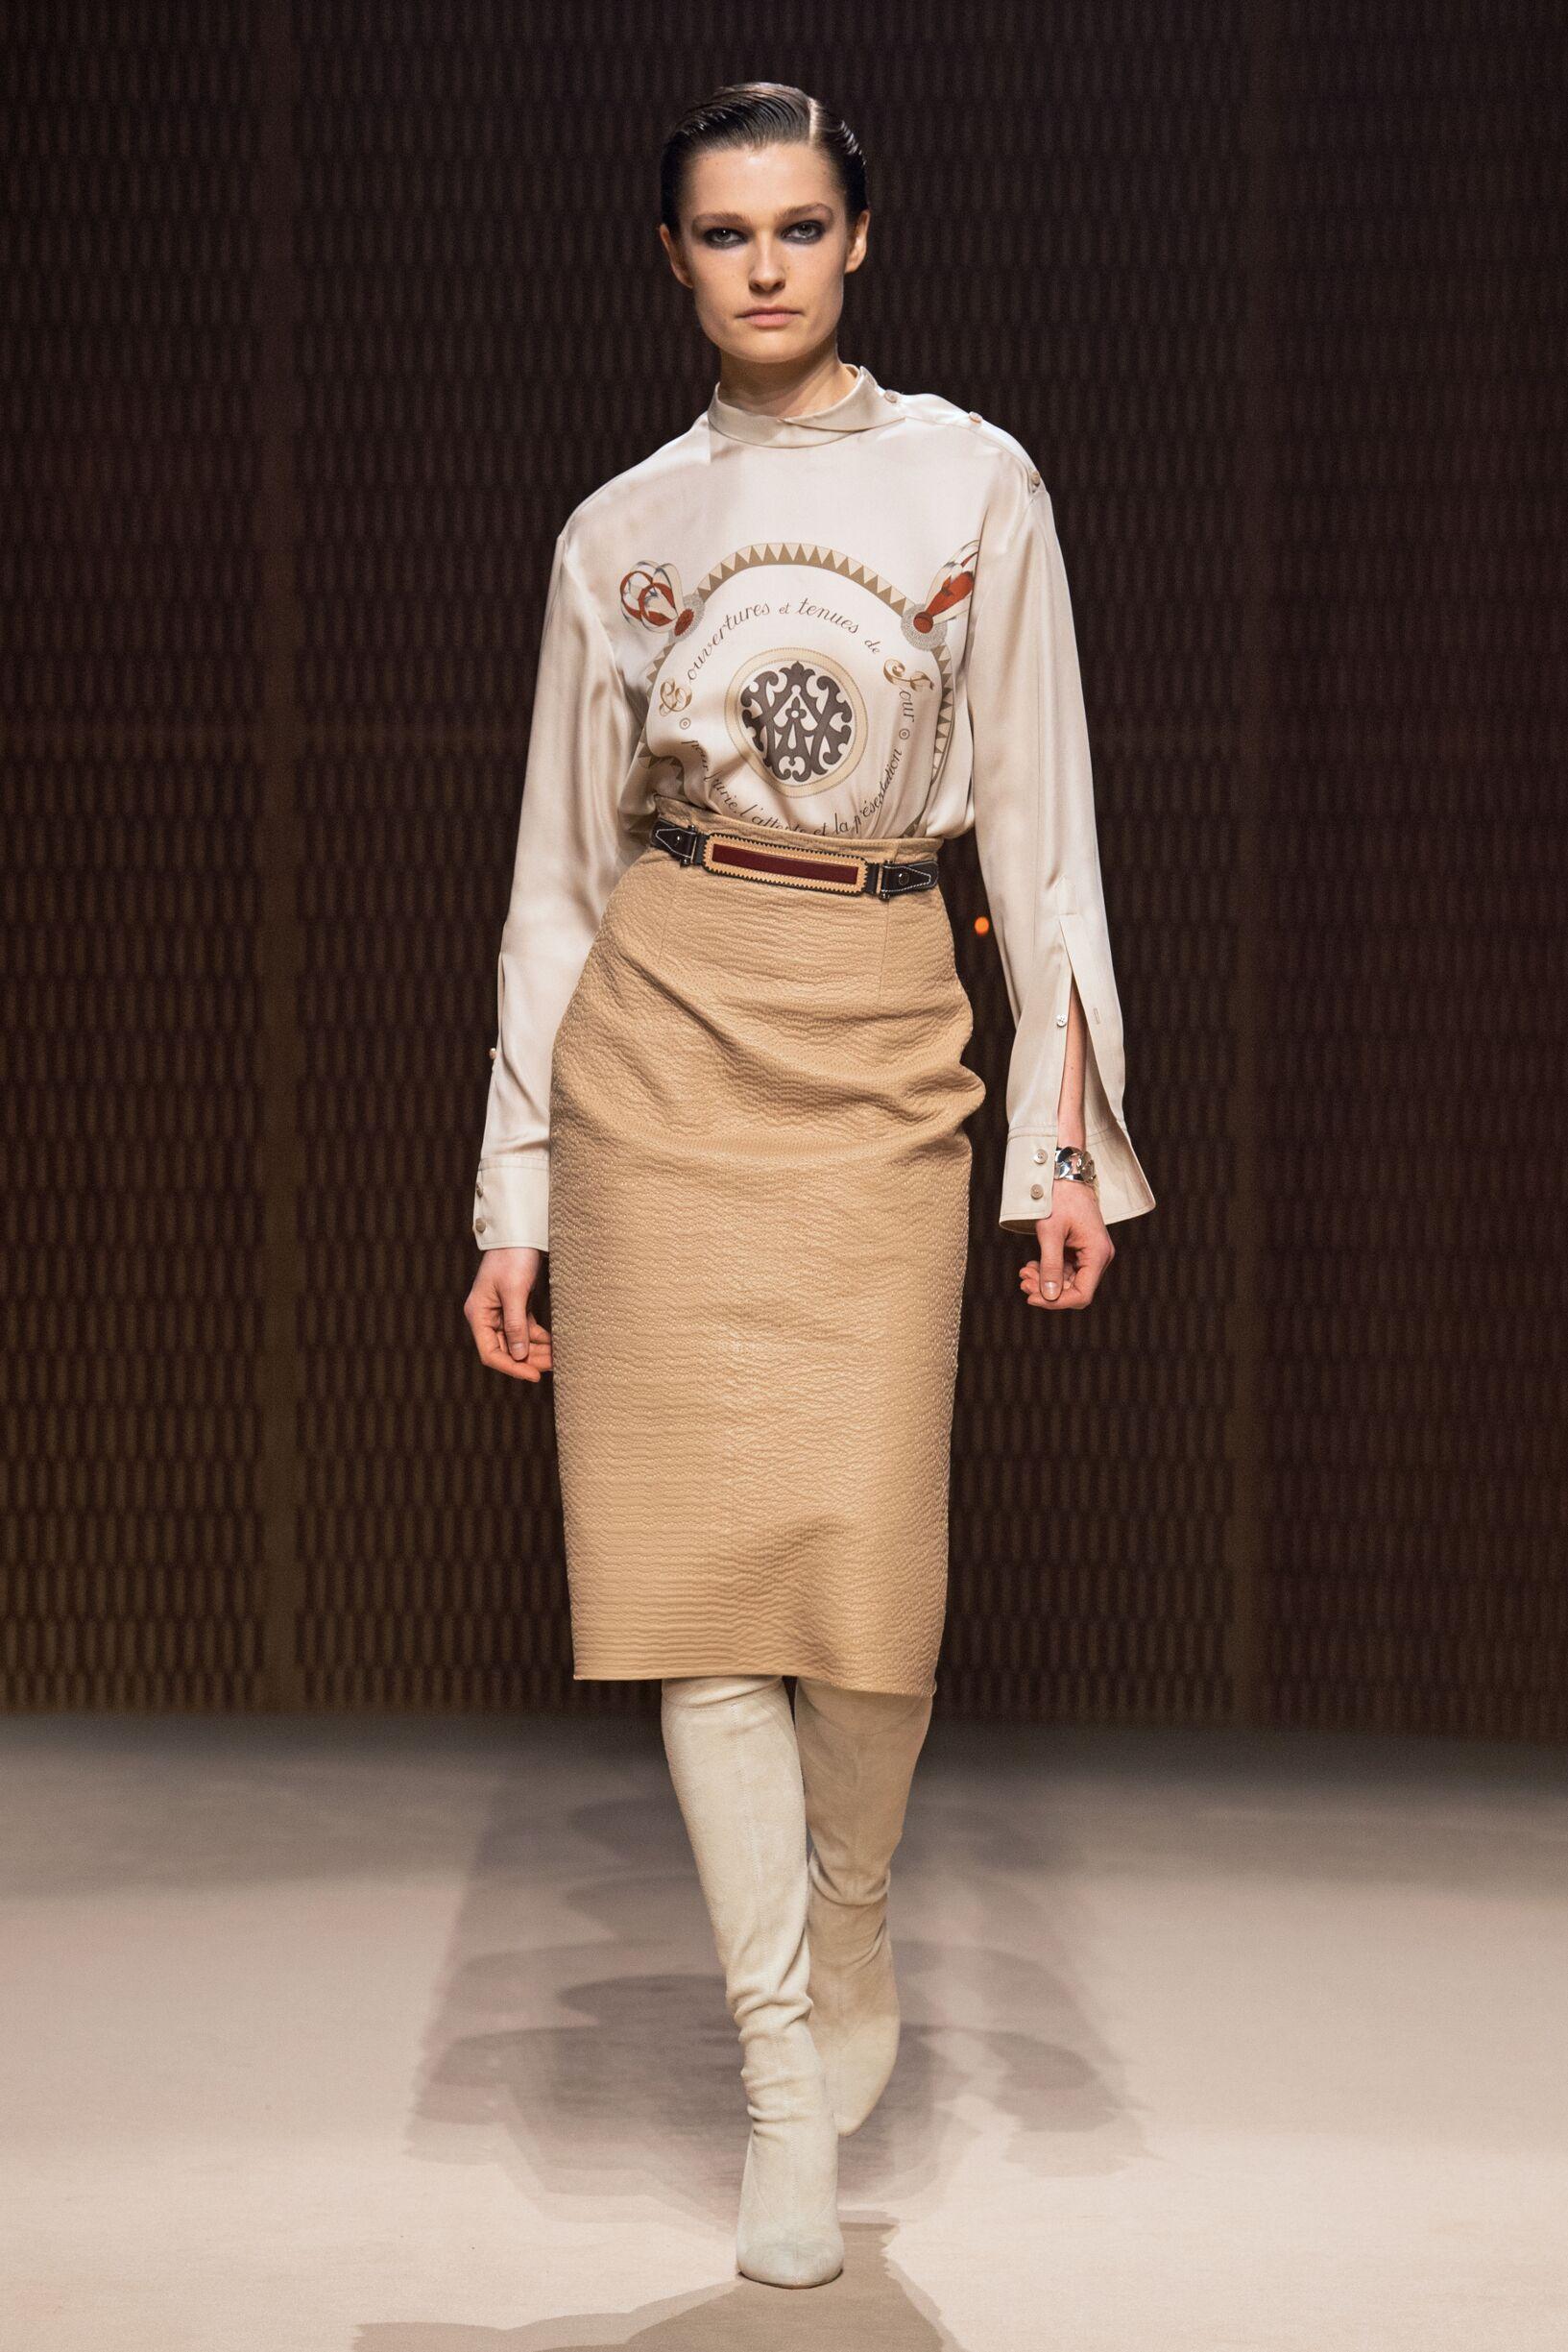 Hermès FW 2019 Womenswear